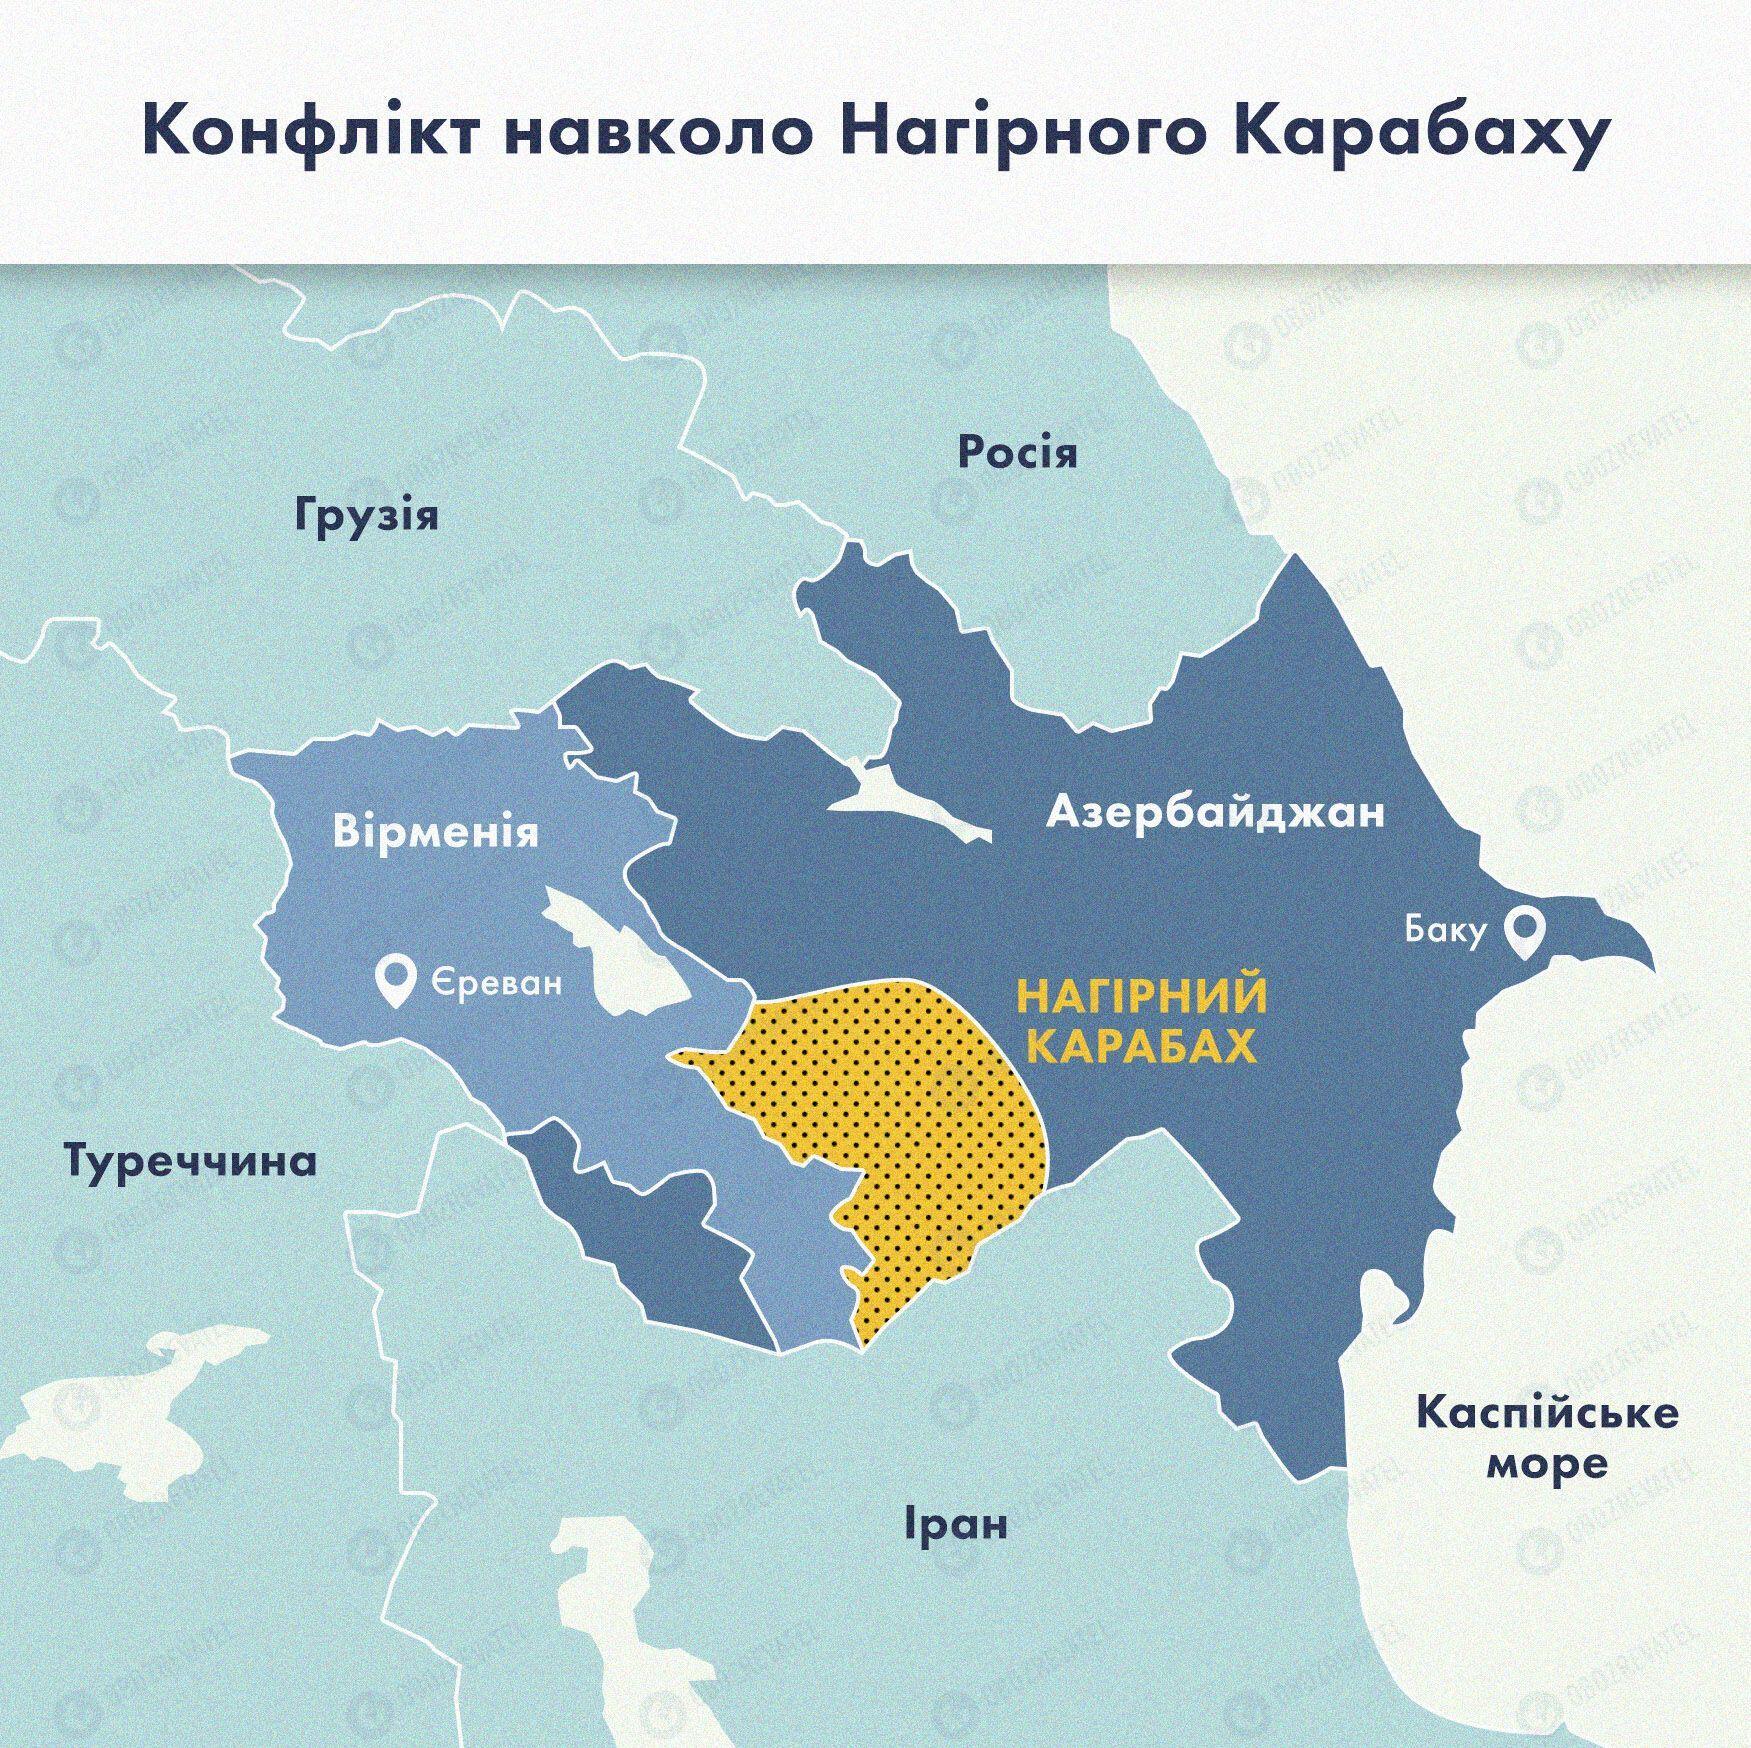 Карта относительно ситуации в Нагорном Карабахе